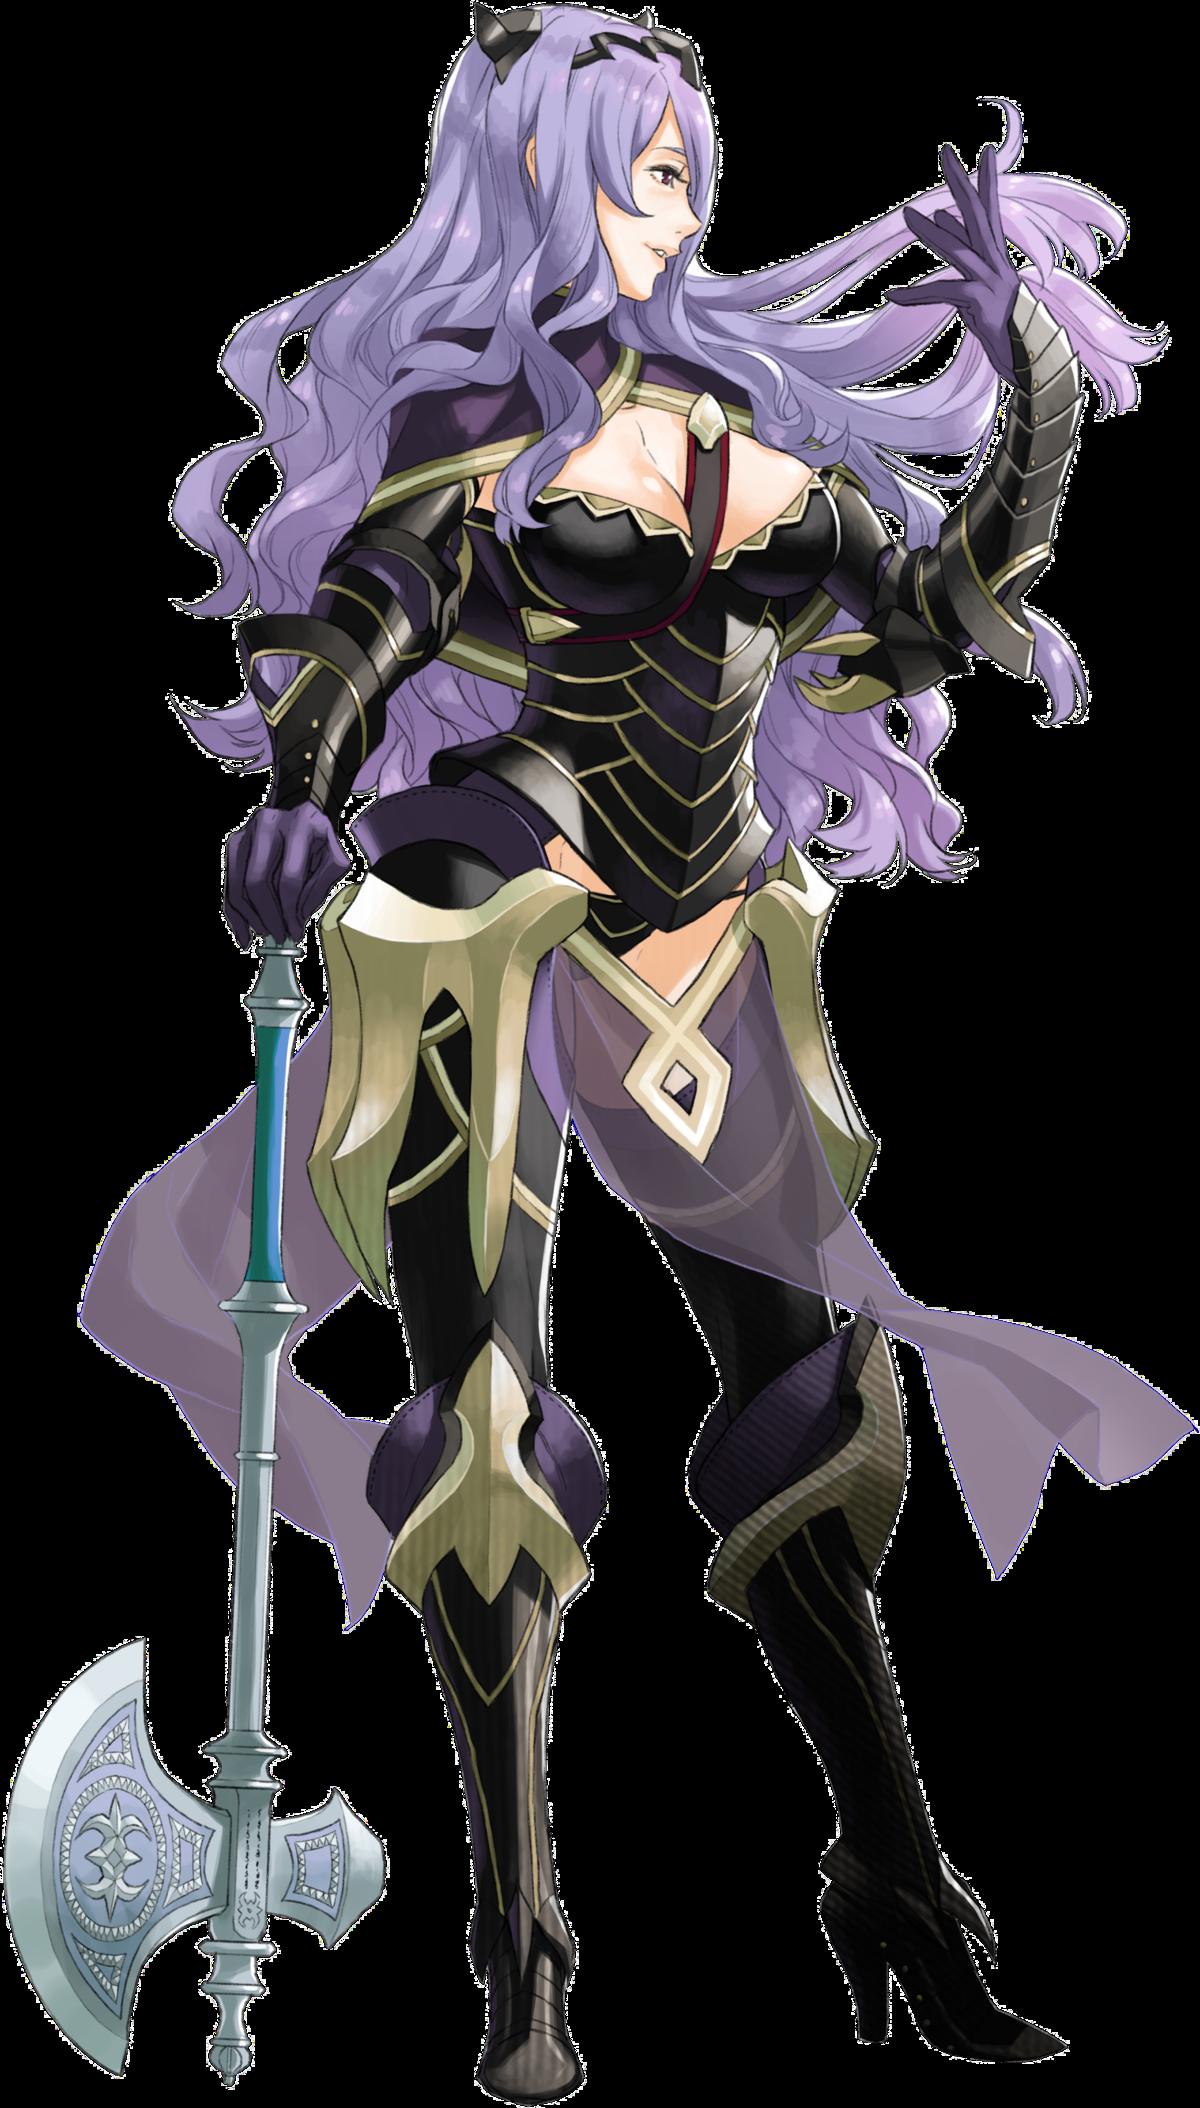 Camilla.